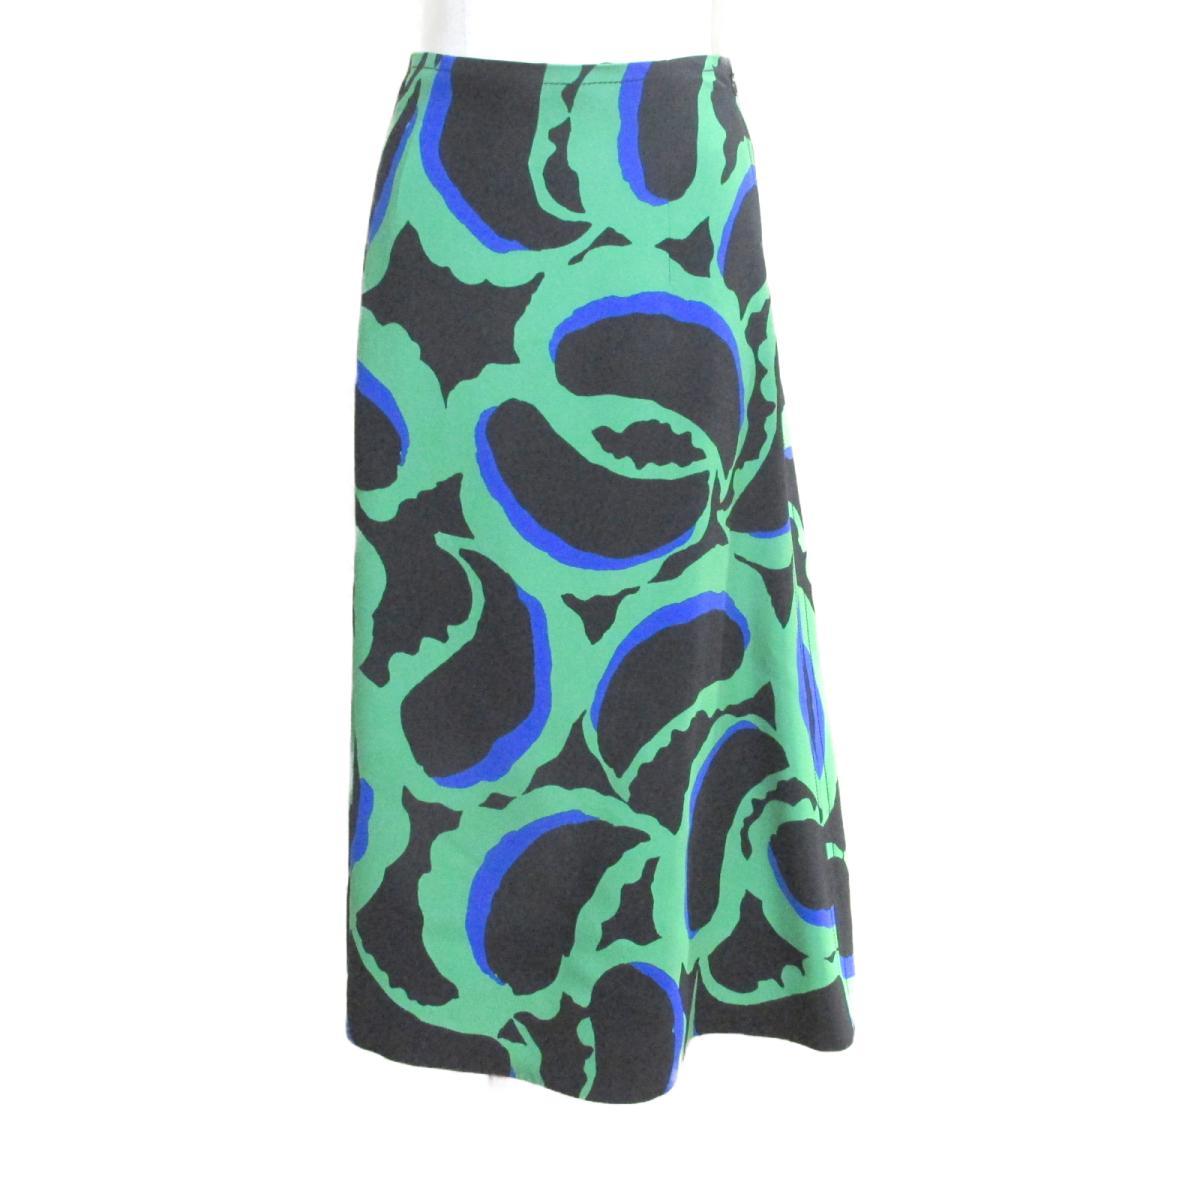 【中古】 セレクション MARNI スカート レディース レーヨン100% ブラック x グリーン ブルー | SELECTION BRANDOFF ブランドオフ 衣料品 衣類 ブランド ボトムス